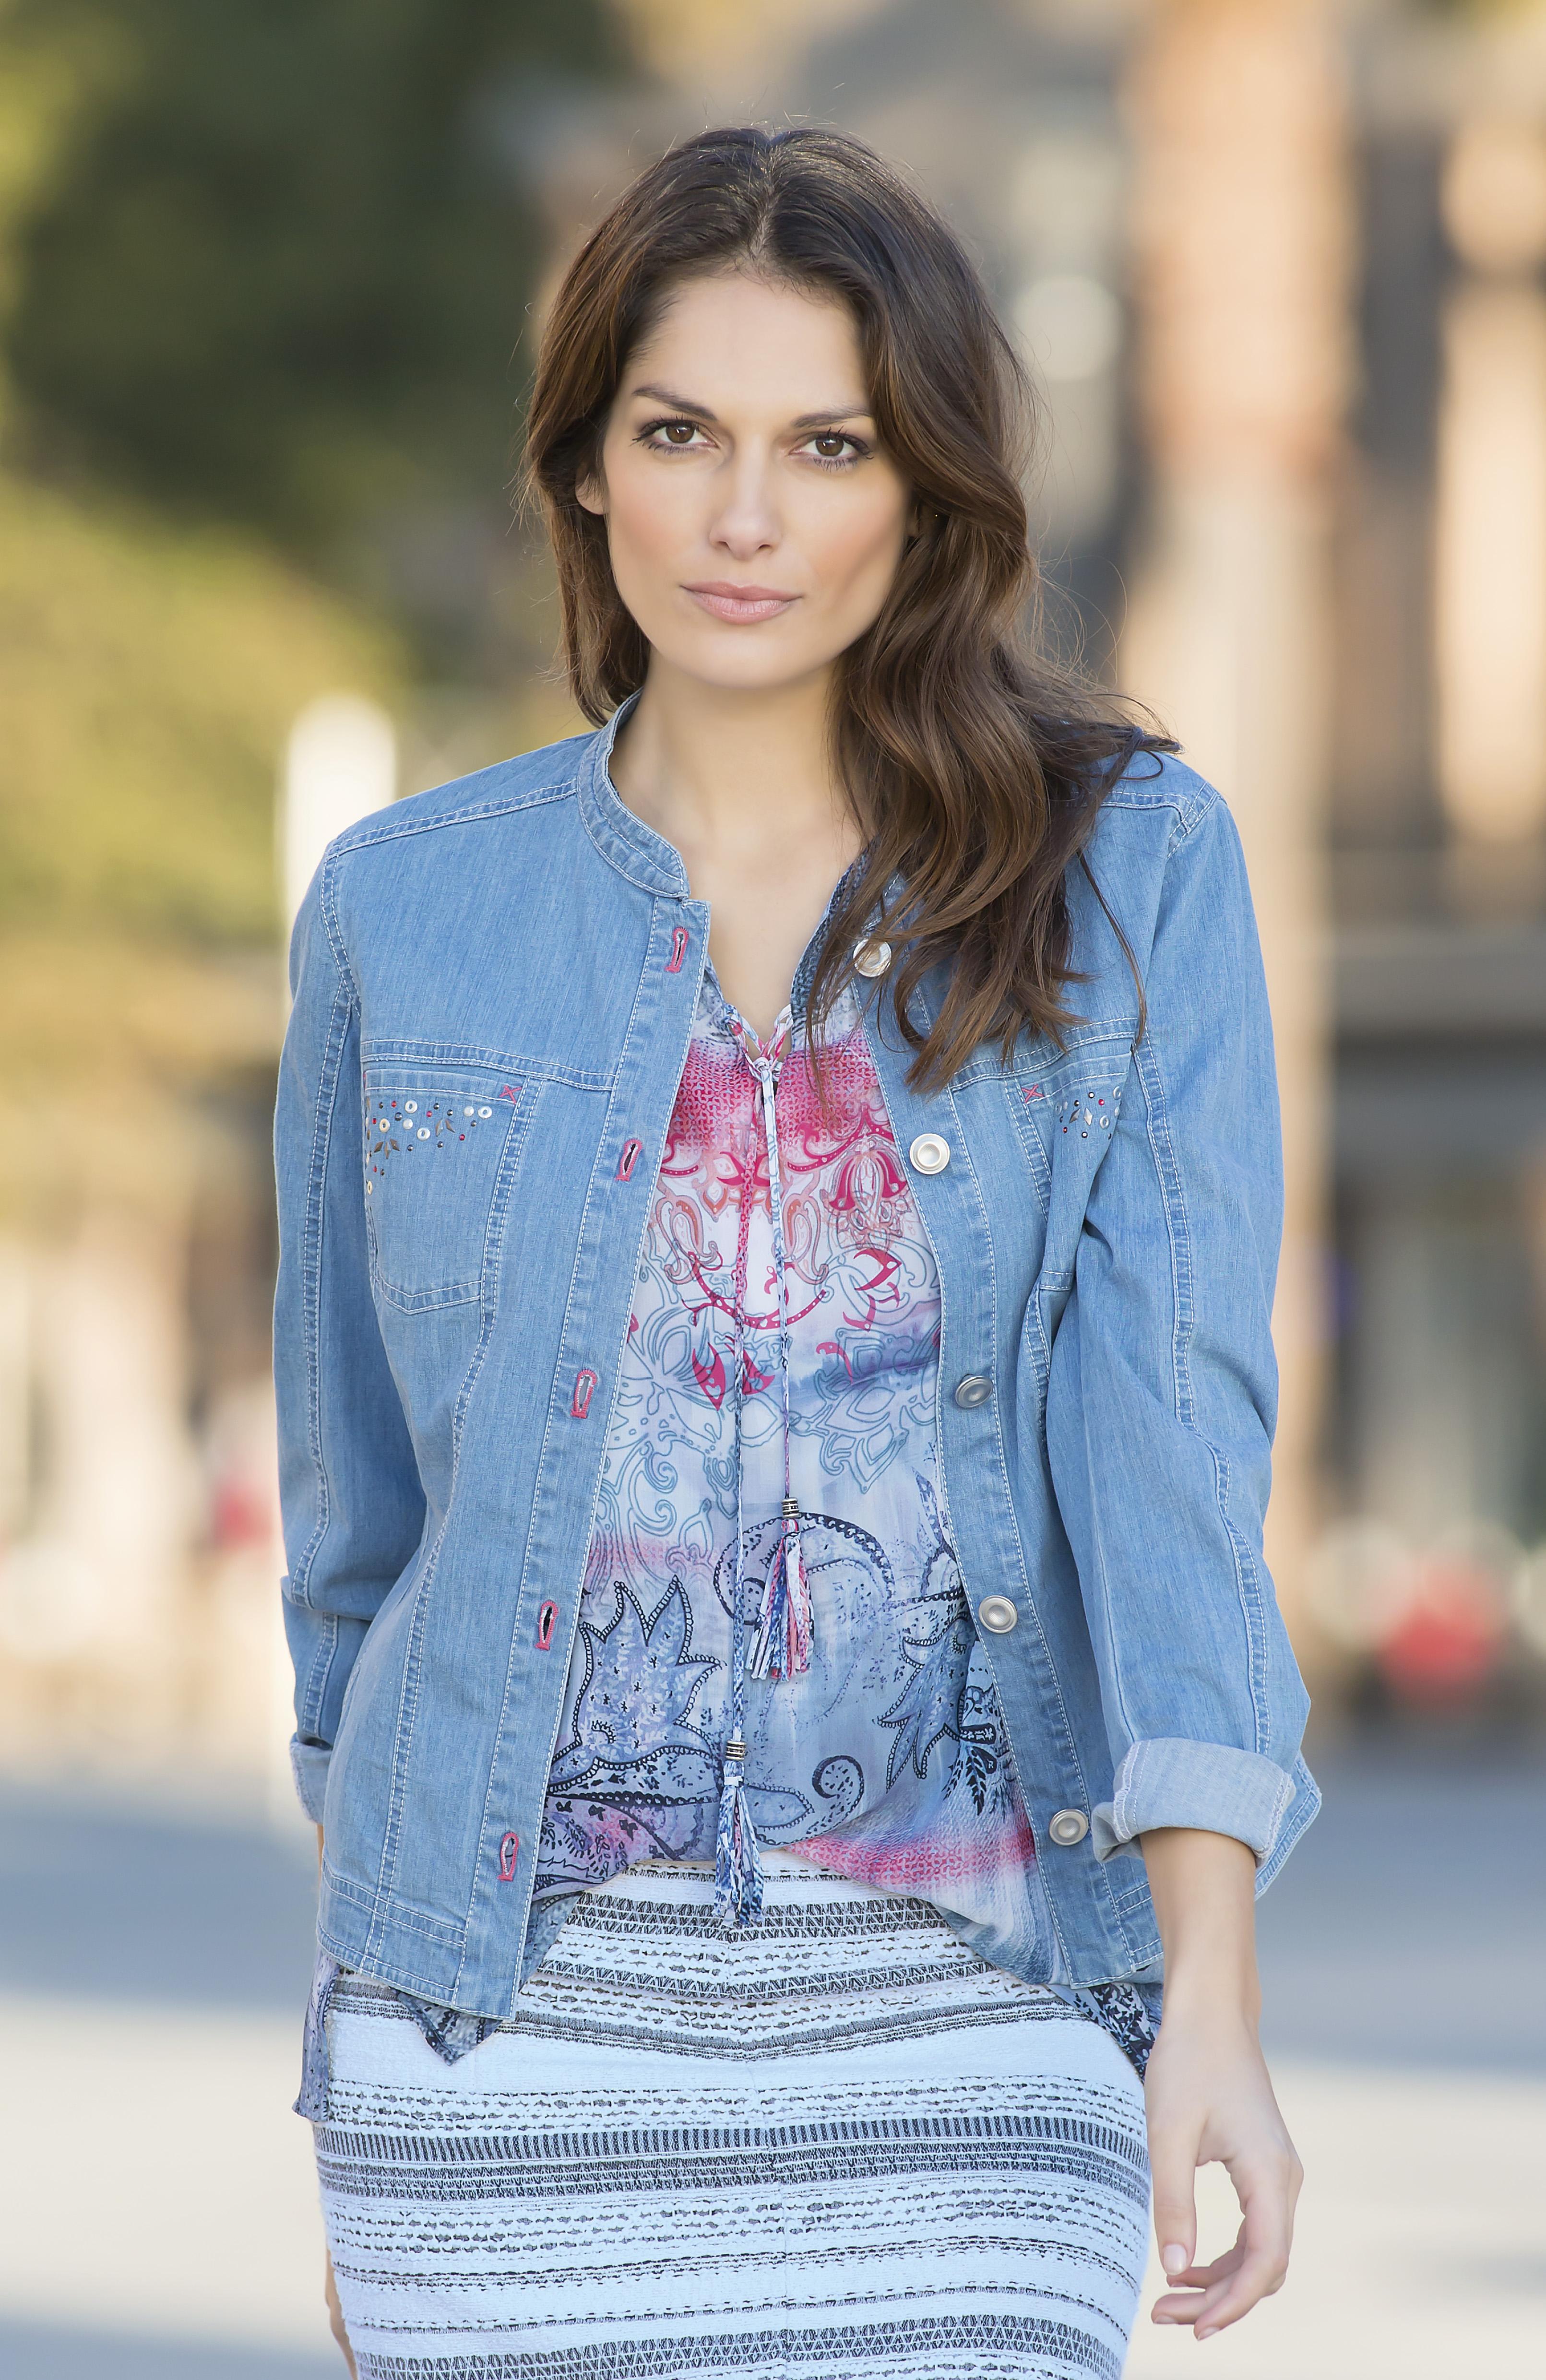 Lässige Jeansjacke mit Shirtbluse von Rabe Moden bei Bernhardt Moden